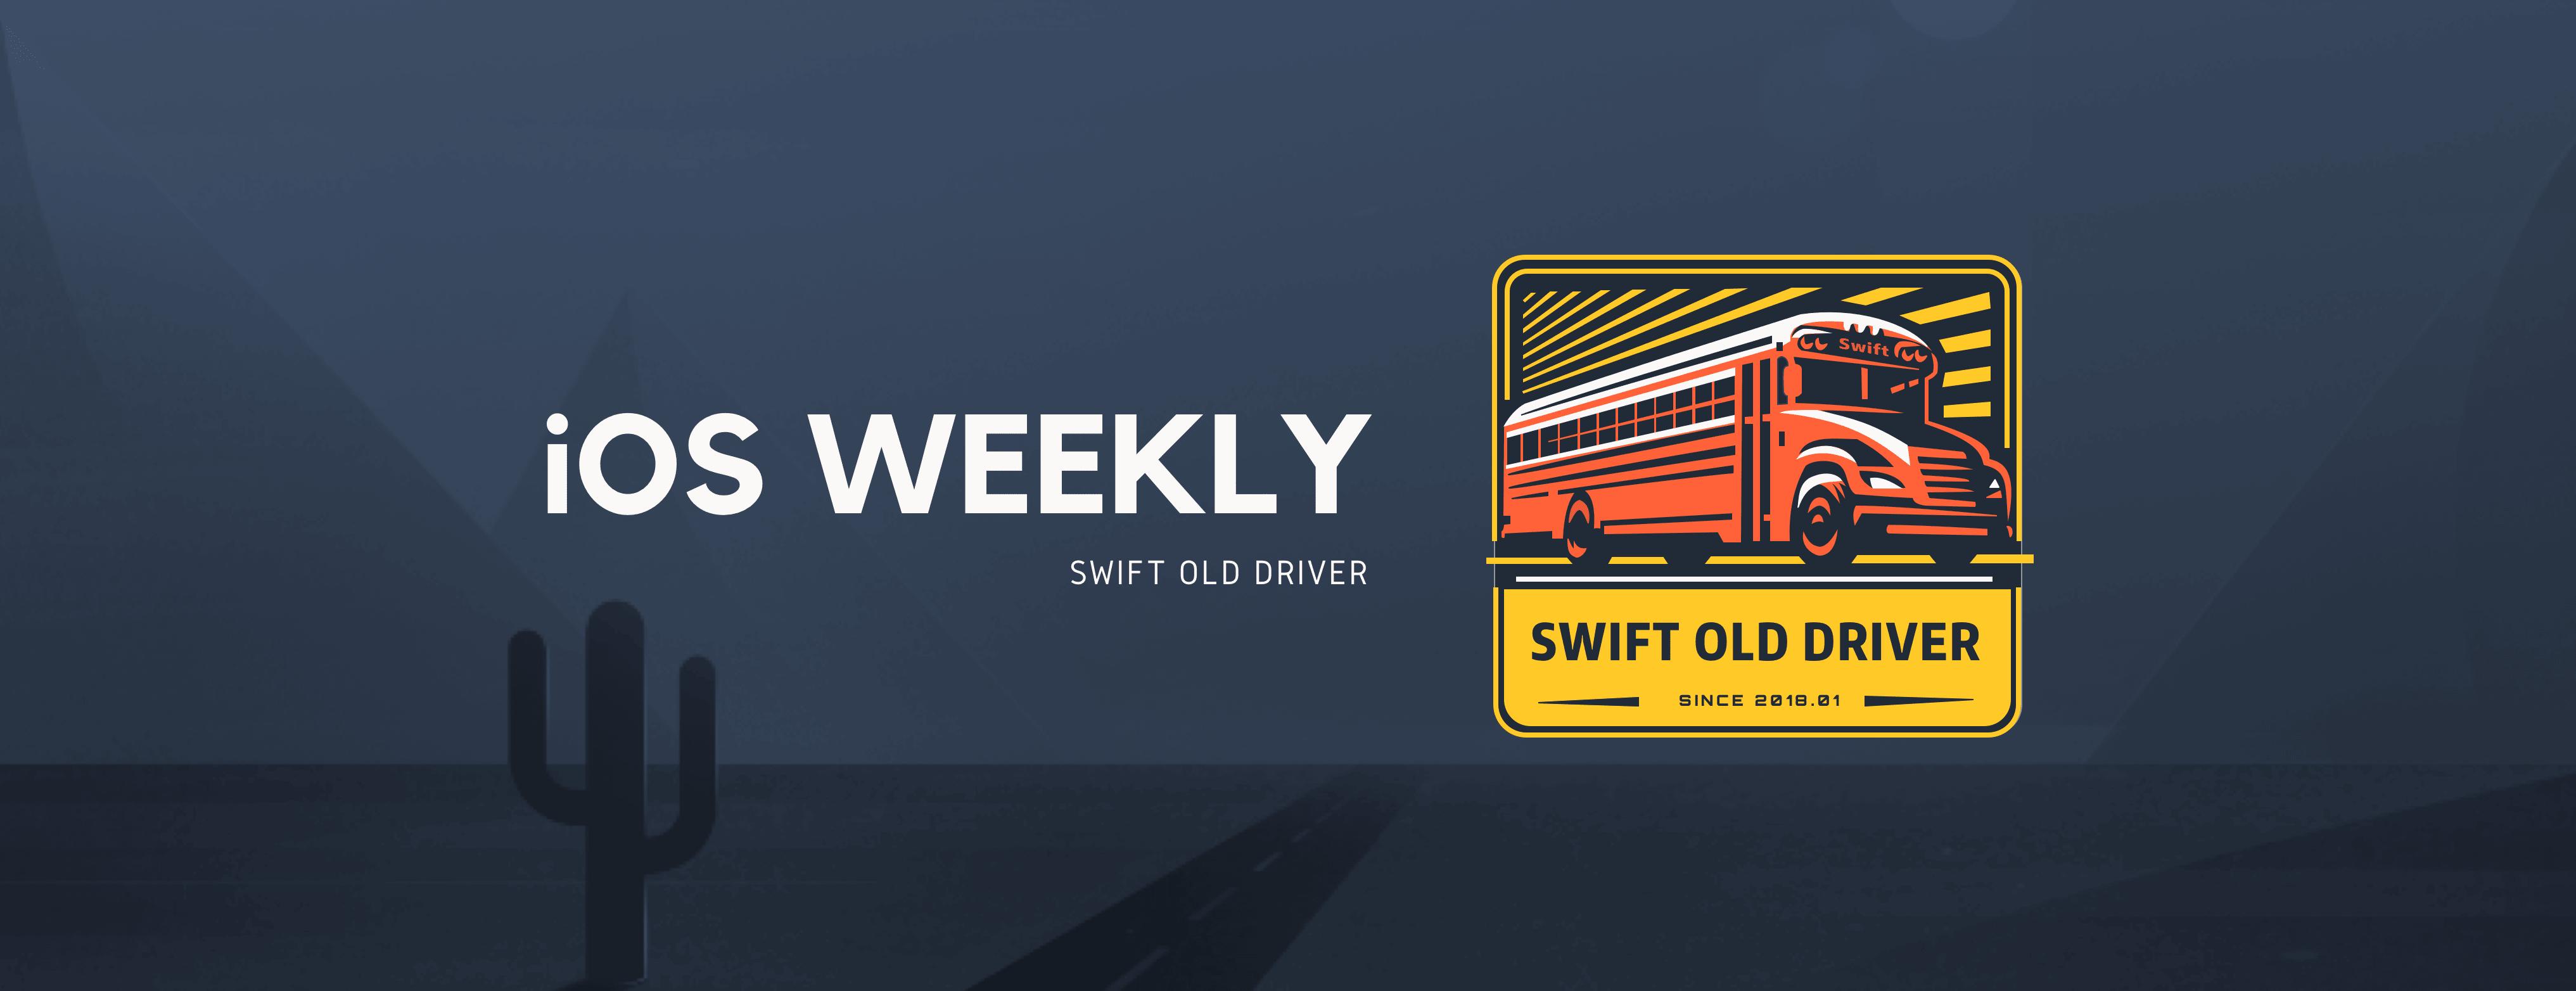 ios-weekly